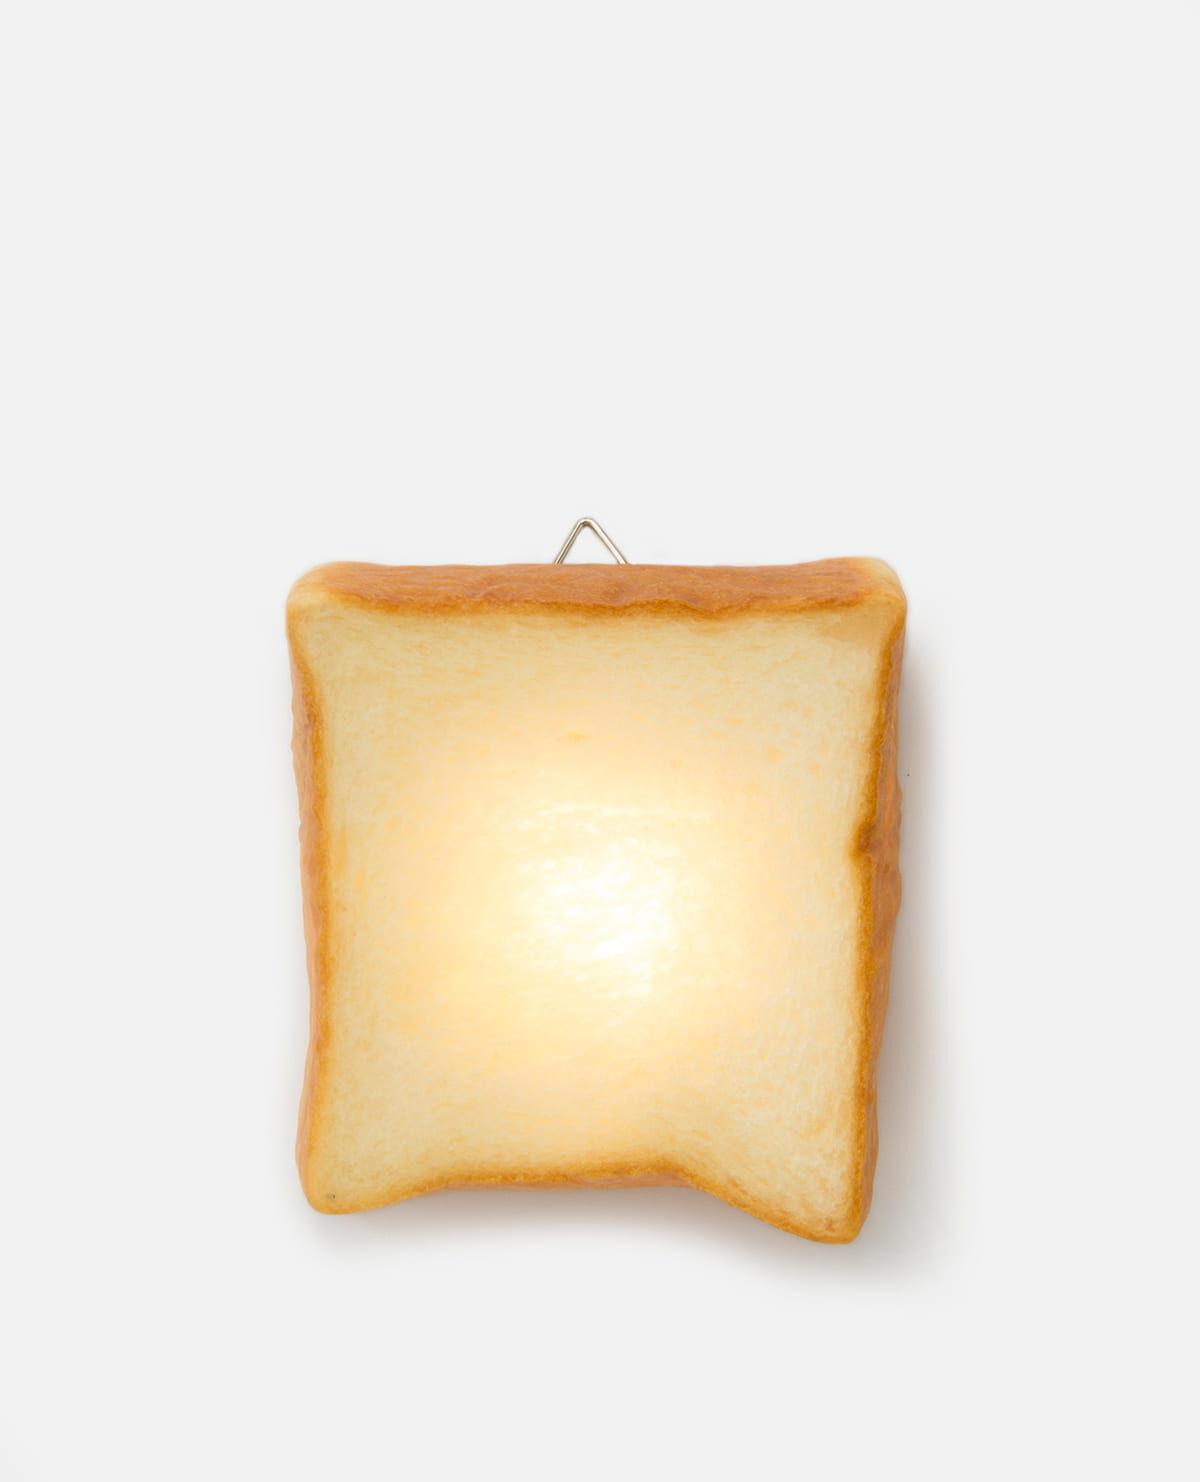 パンライト トースト 角食